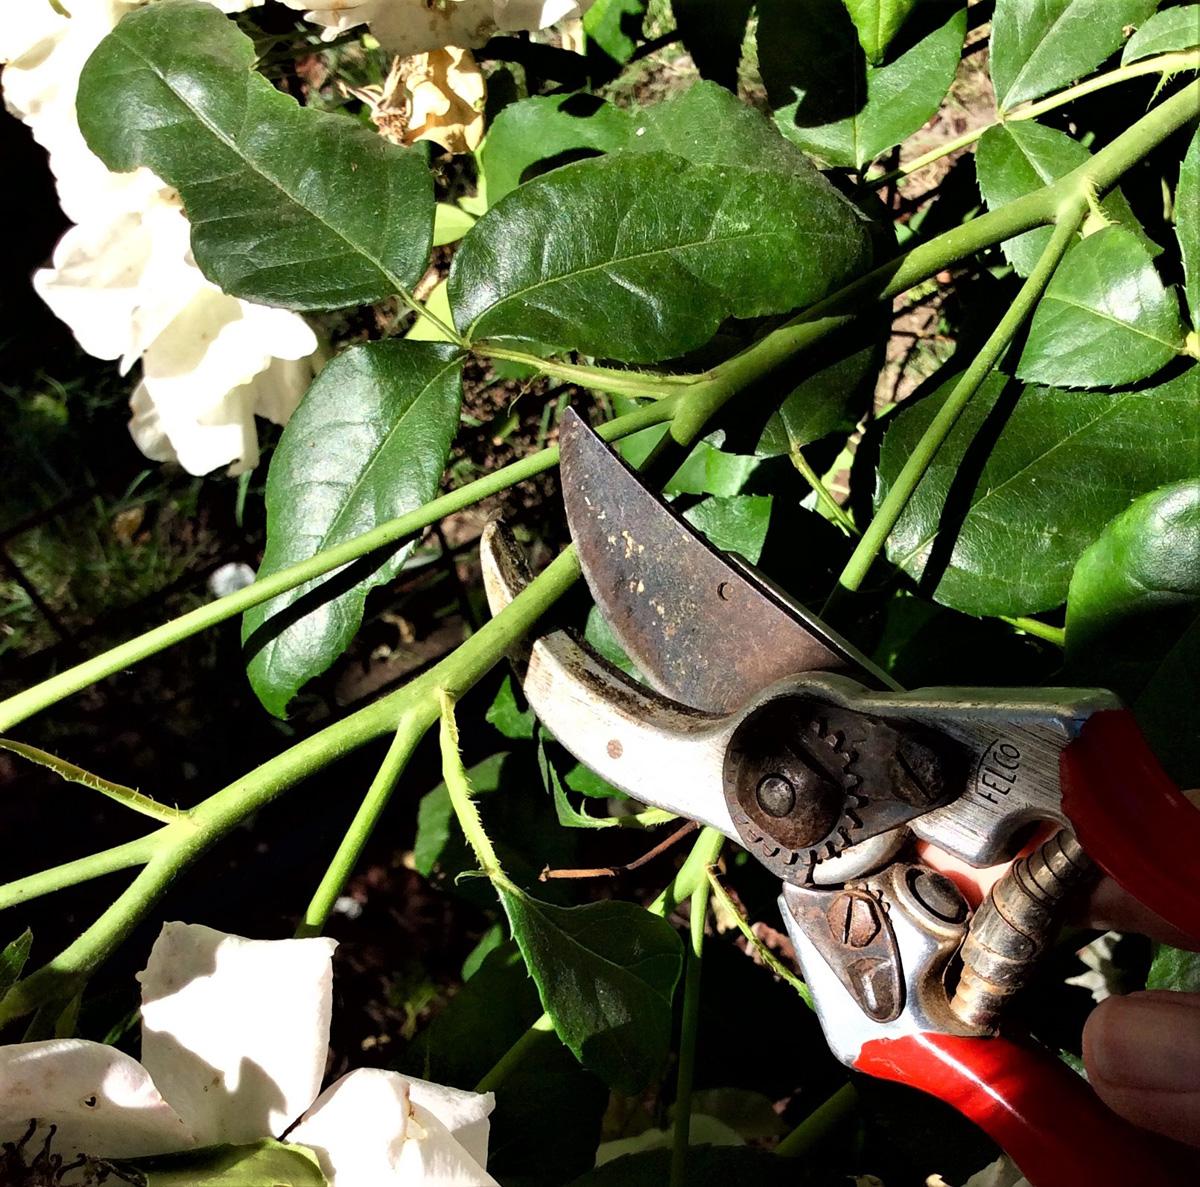 deadheading annuals and perennials